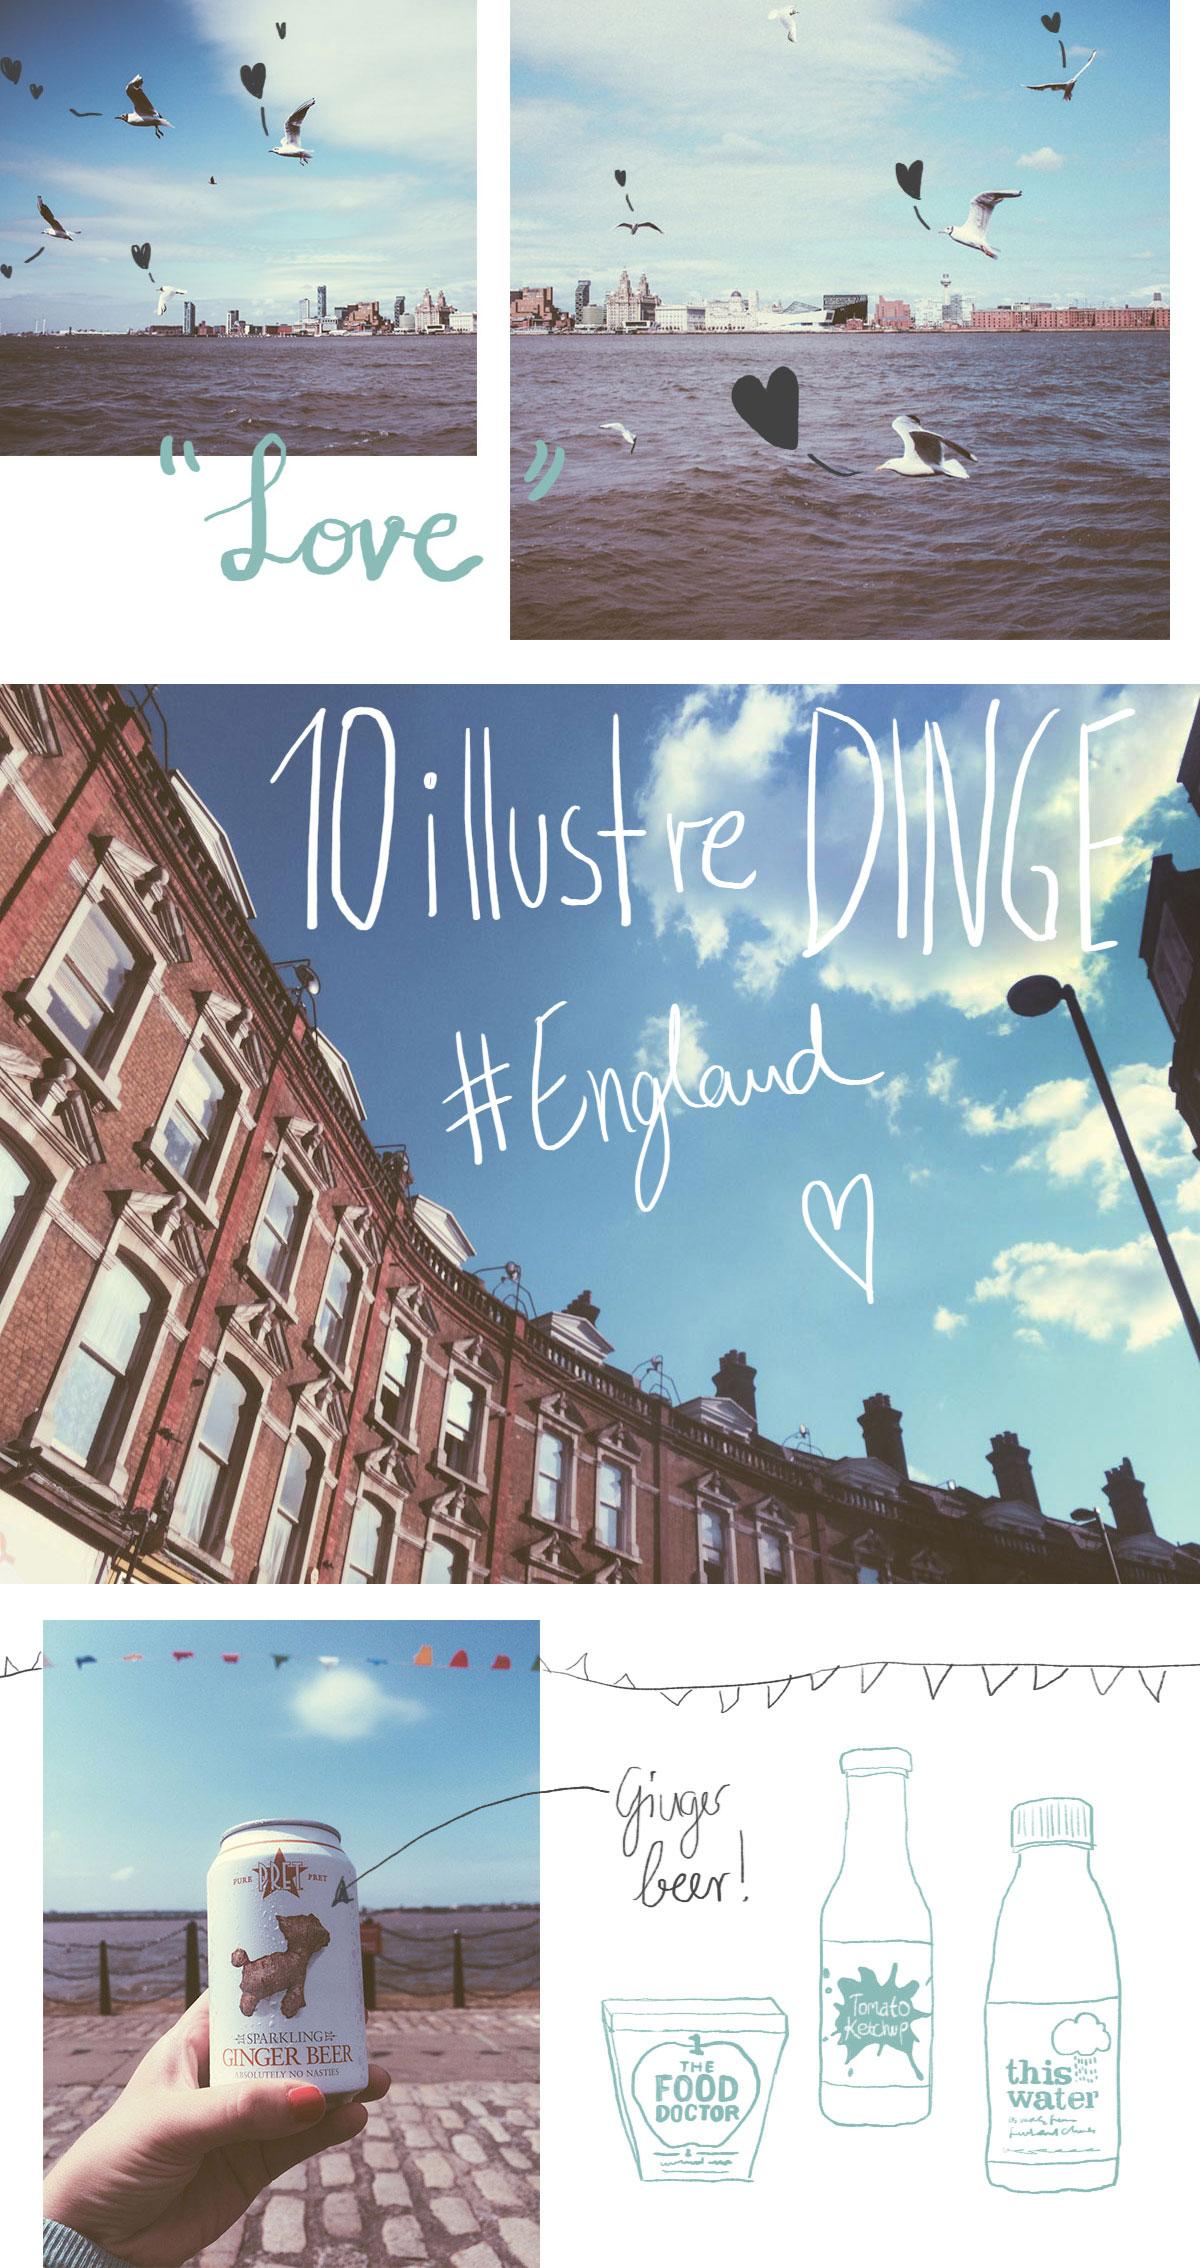 10 illustre Dinge, die ich an England mag